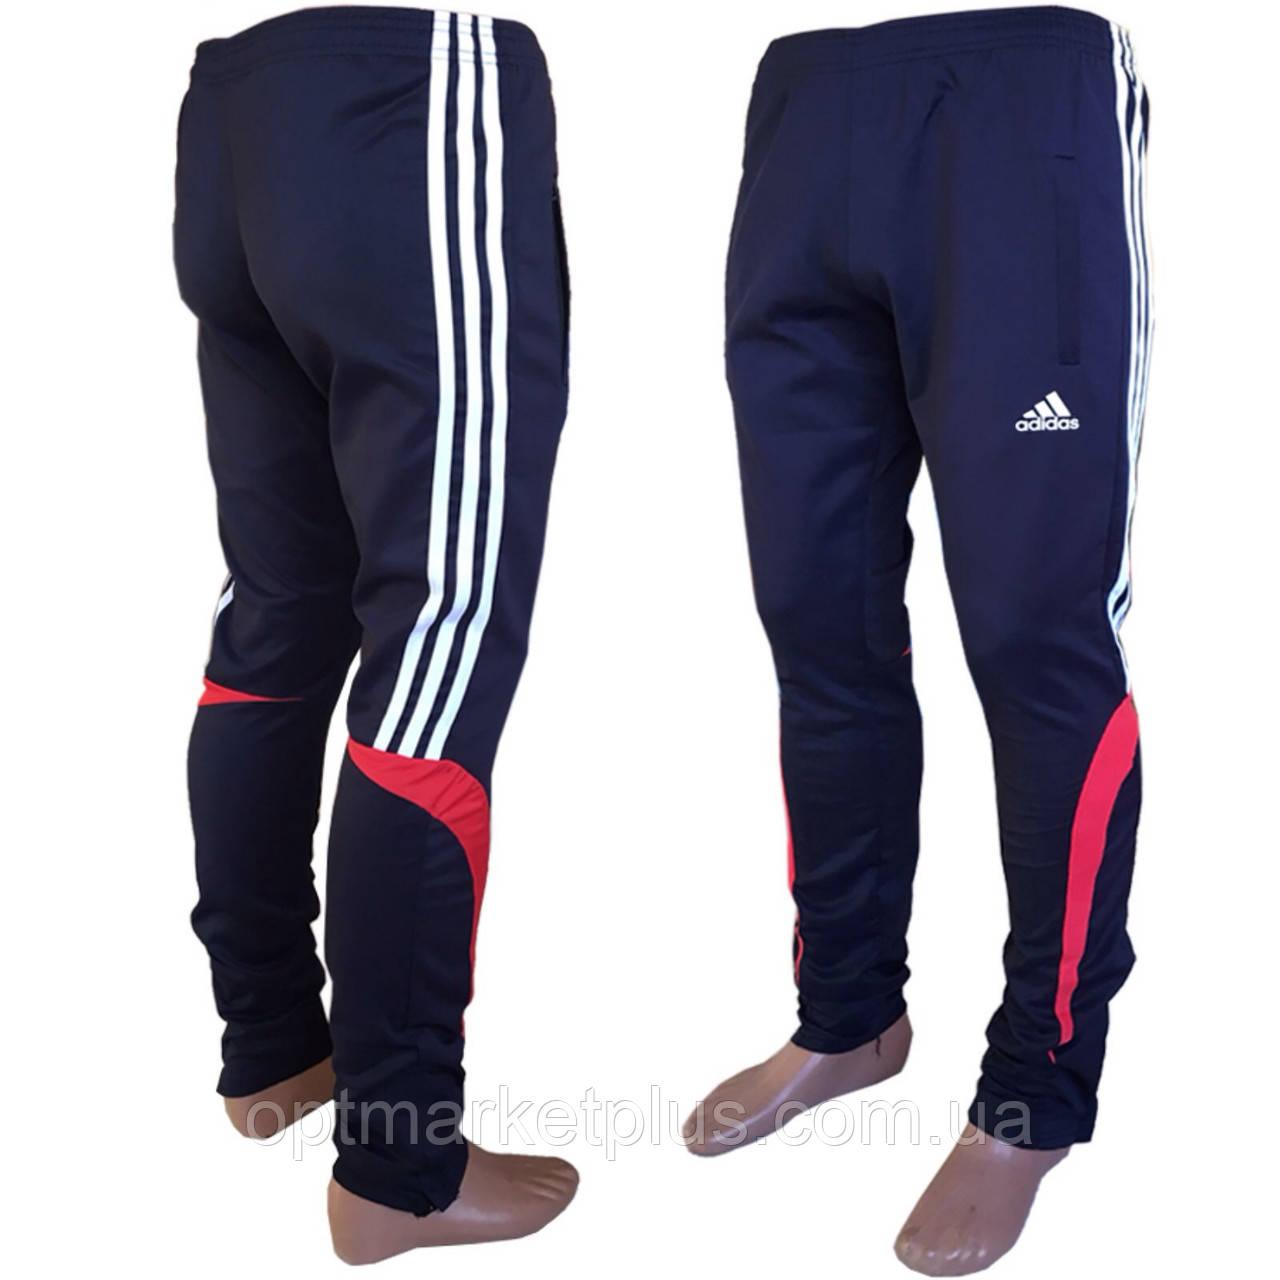 Спортивные мужские брюки, эластик (46-52) оптом купить от склада 7 км Одесса